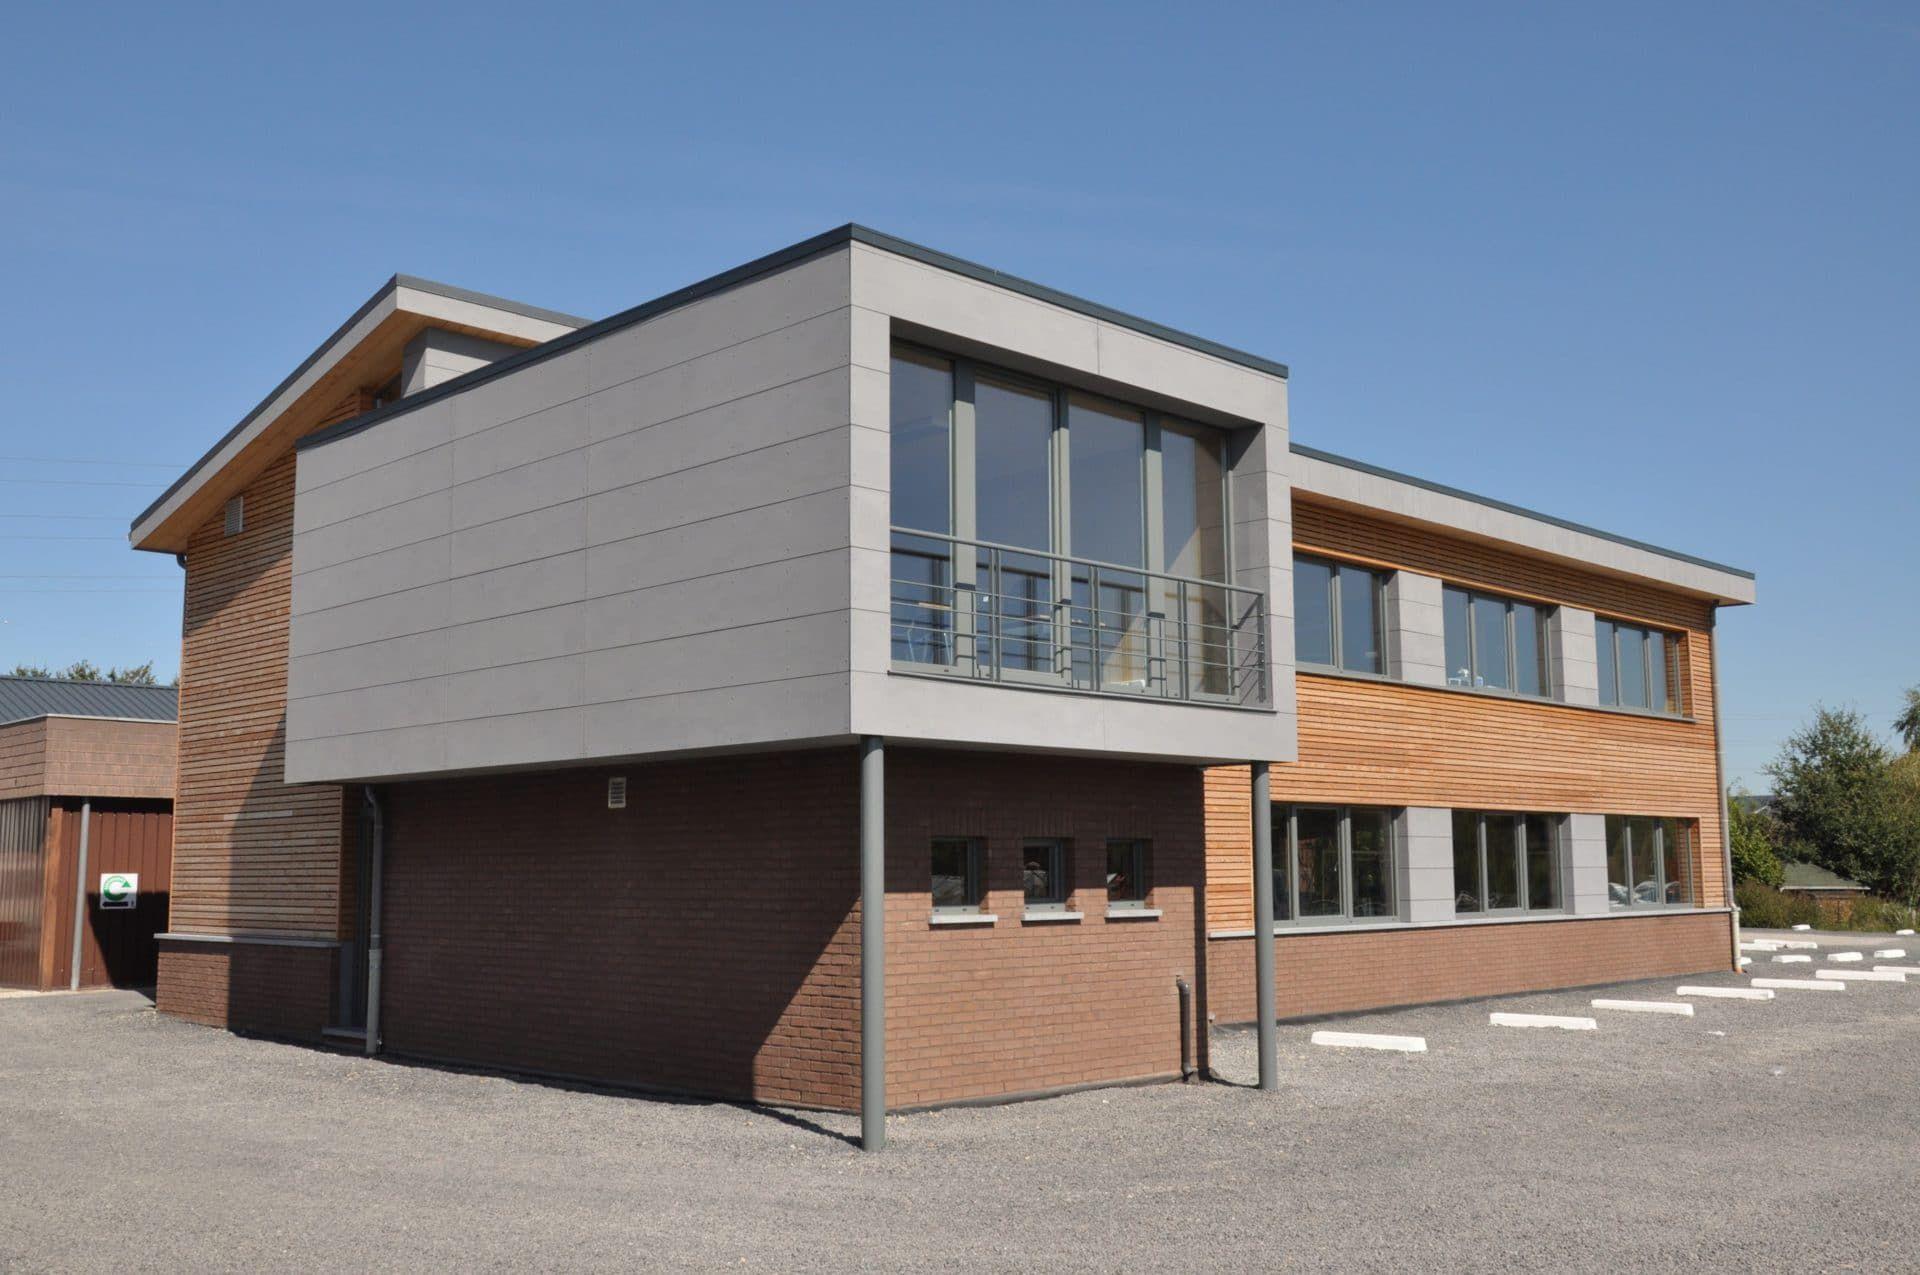 Ufficio In Legno Prefabbricato : Edificio prefabbricato per ufficio in legno moderno liÈge by